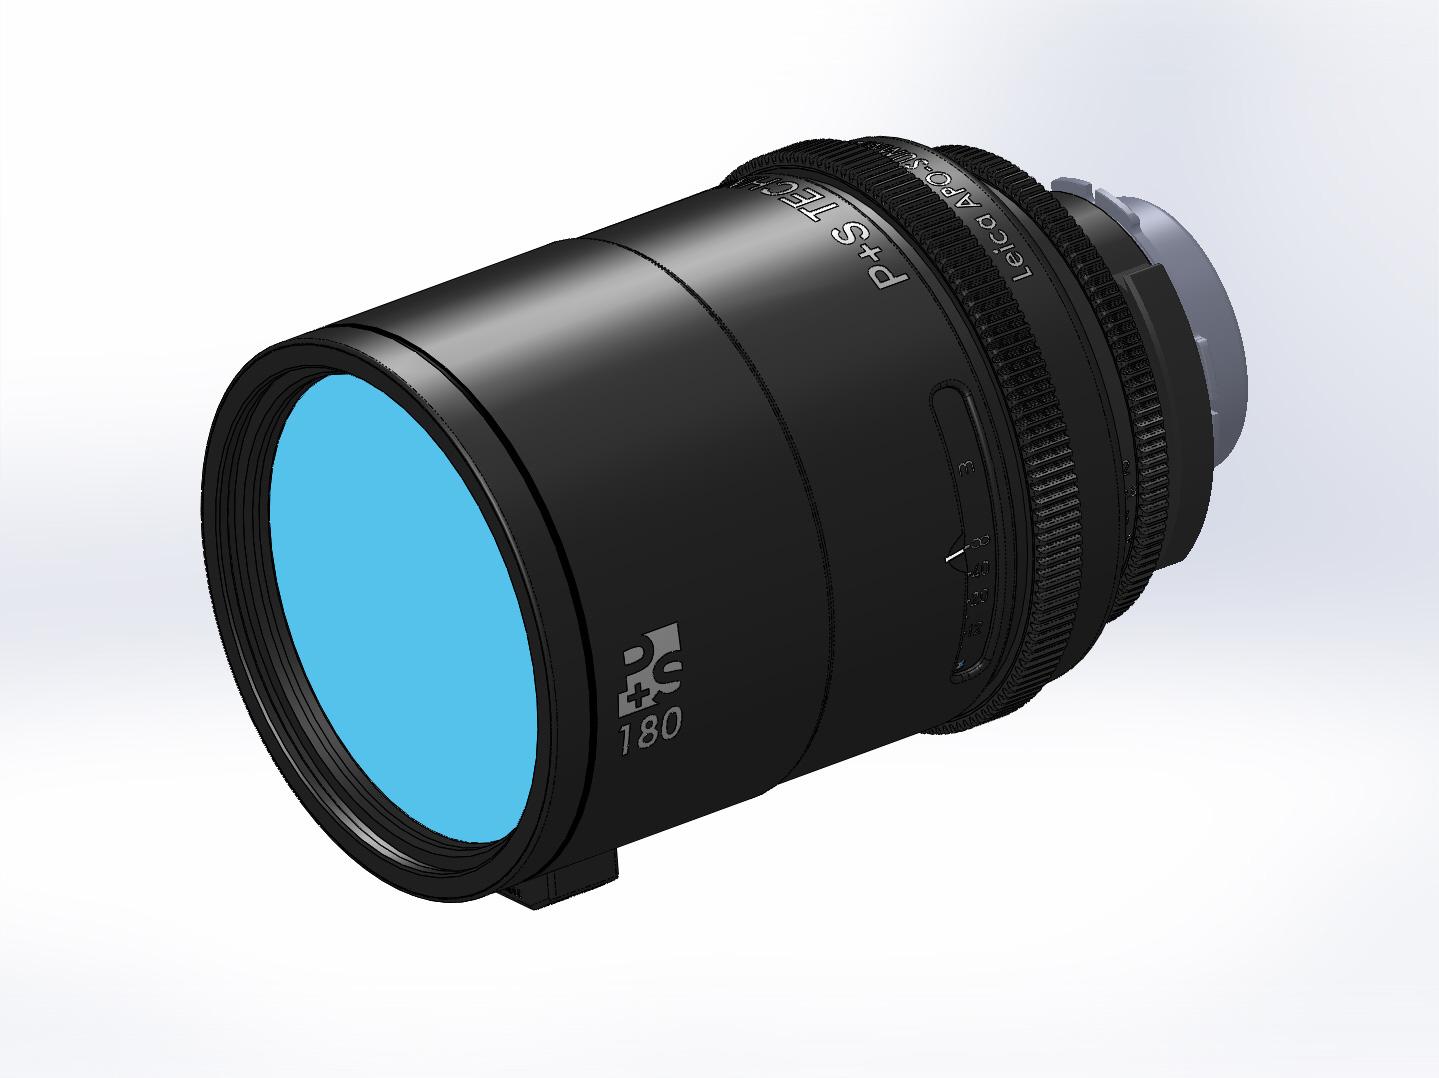 Leica-R Summicron 180mm